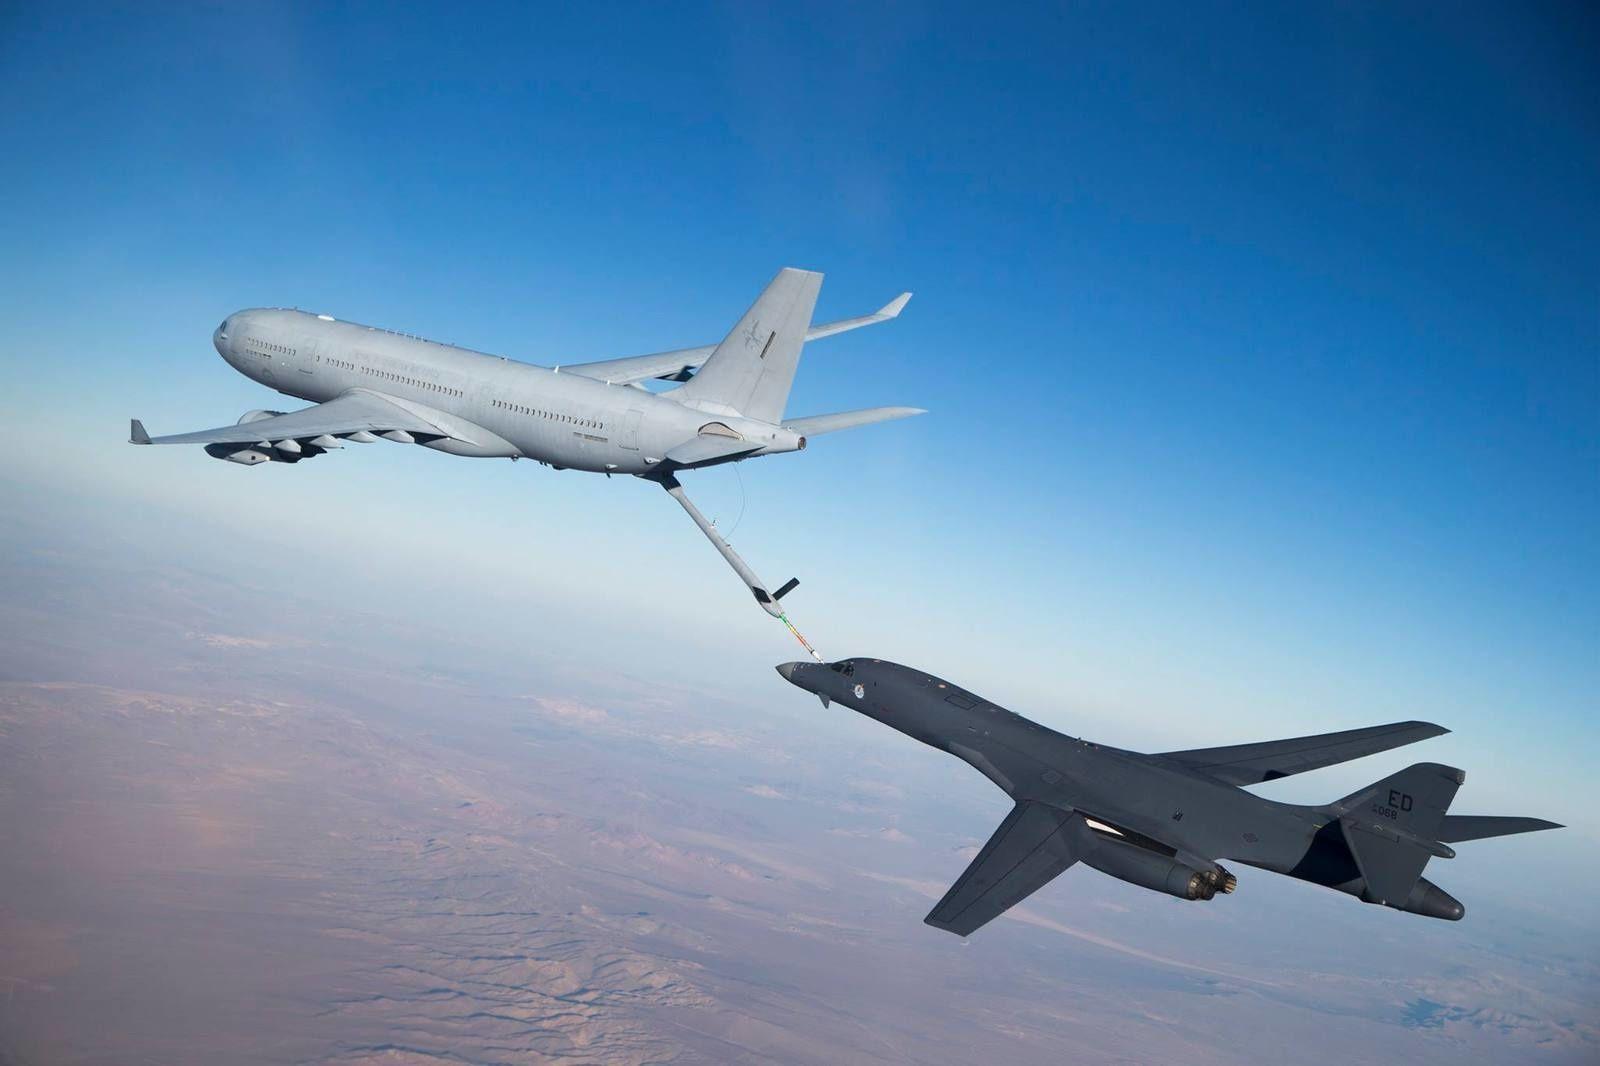 © US Air Force - Un KC-30A australien lors des expérimentations en vol avec un C-17, un F-16D et un B-1B.